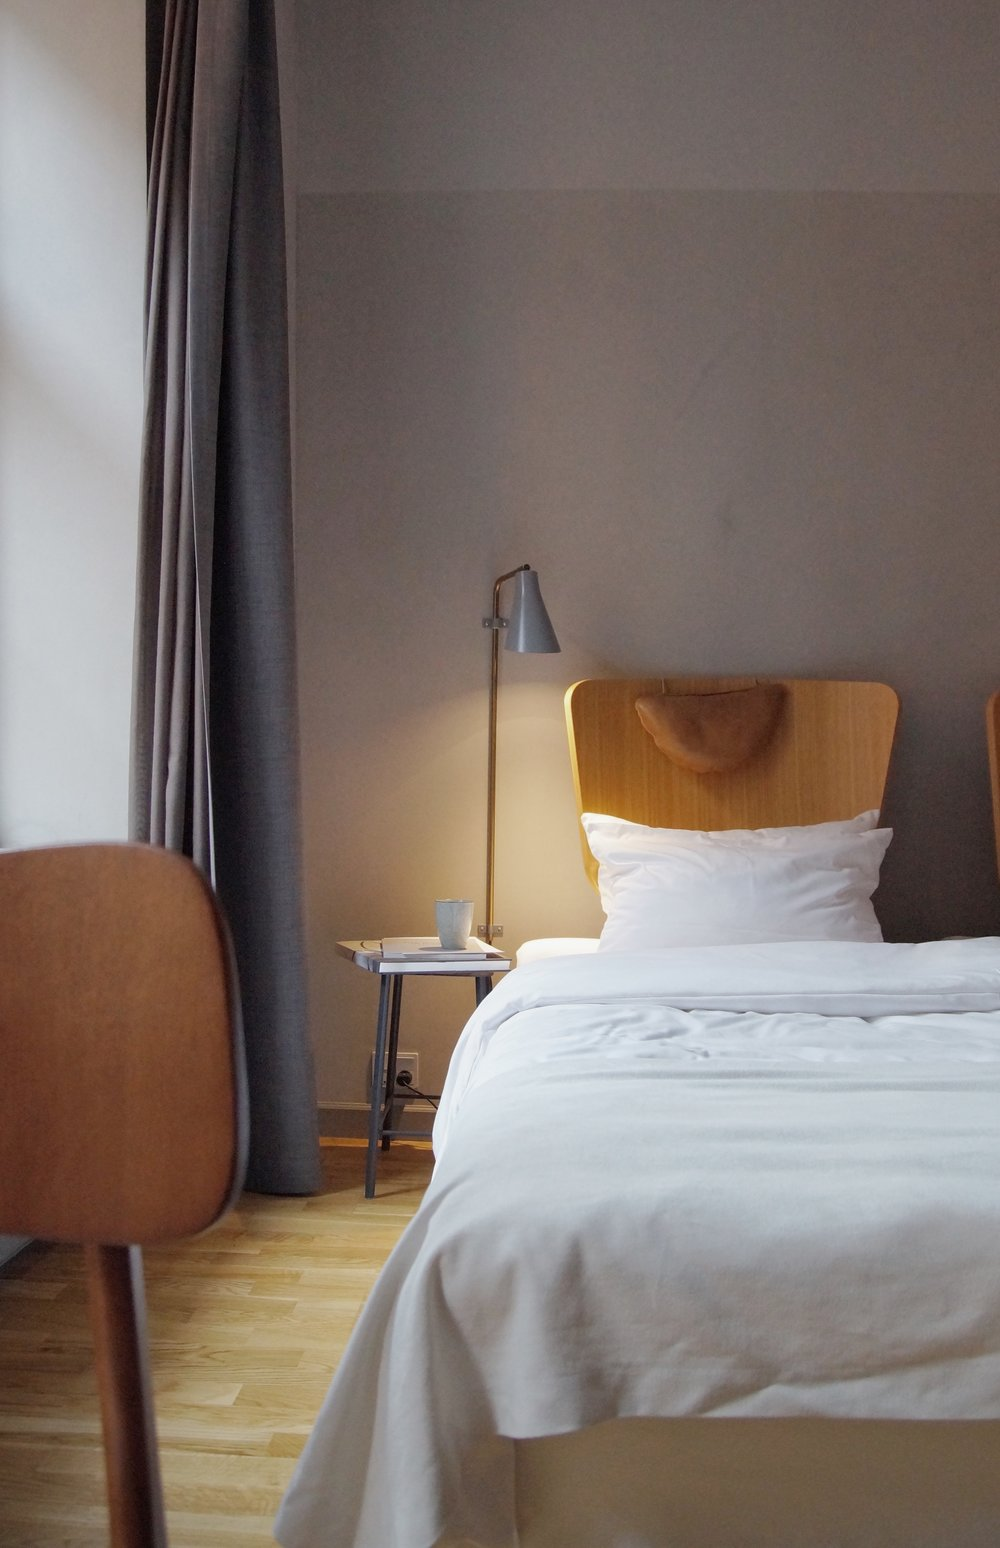 HOTEL SP34, COPENHAGEN -